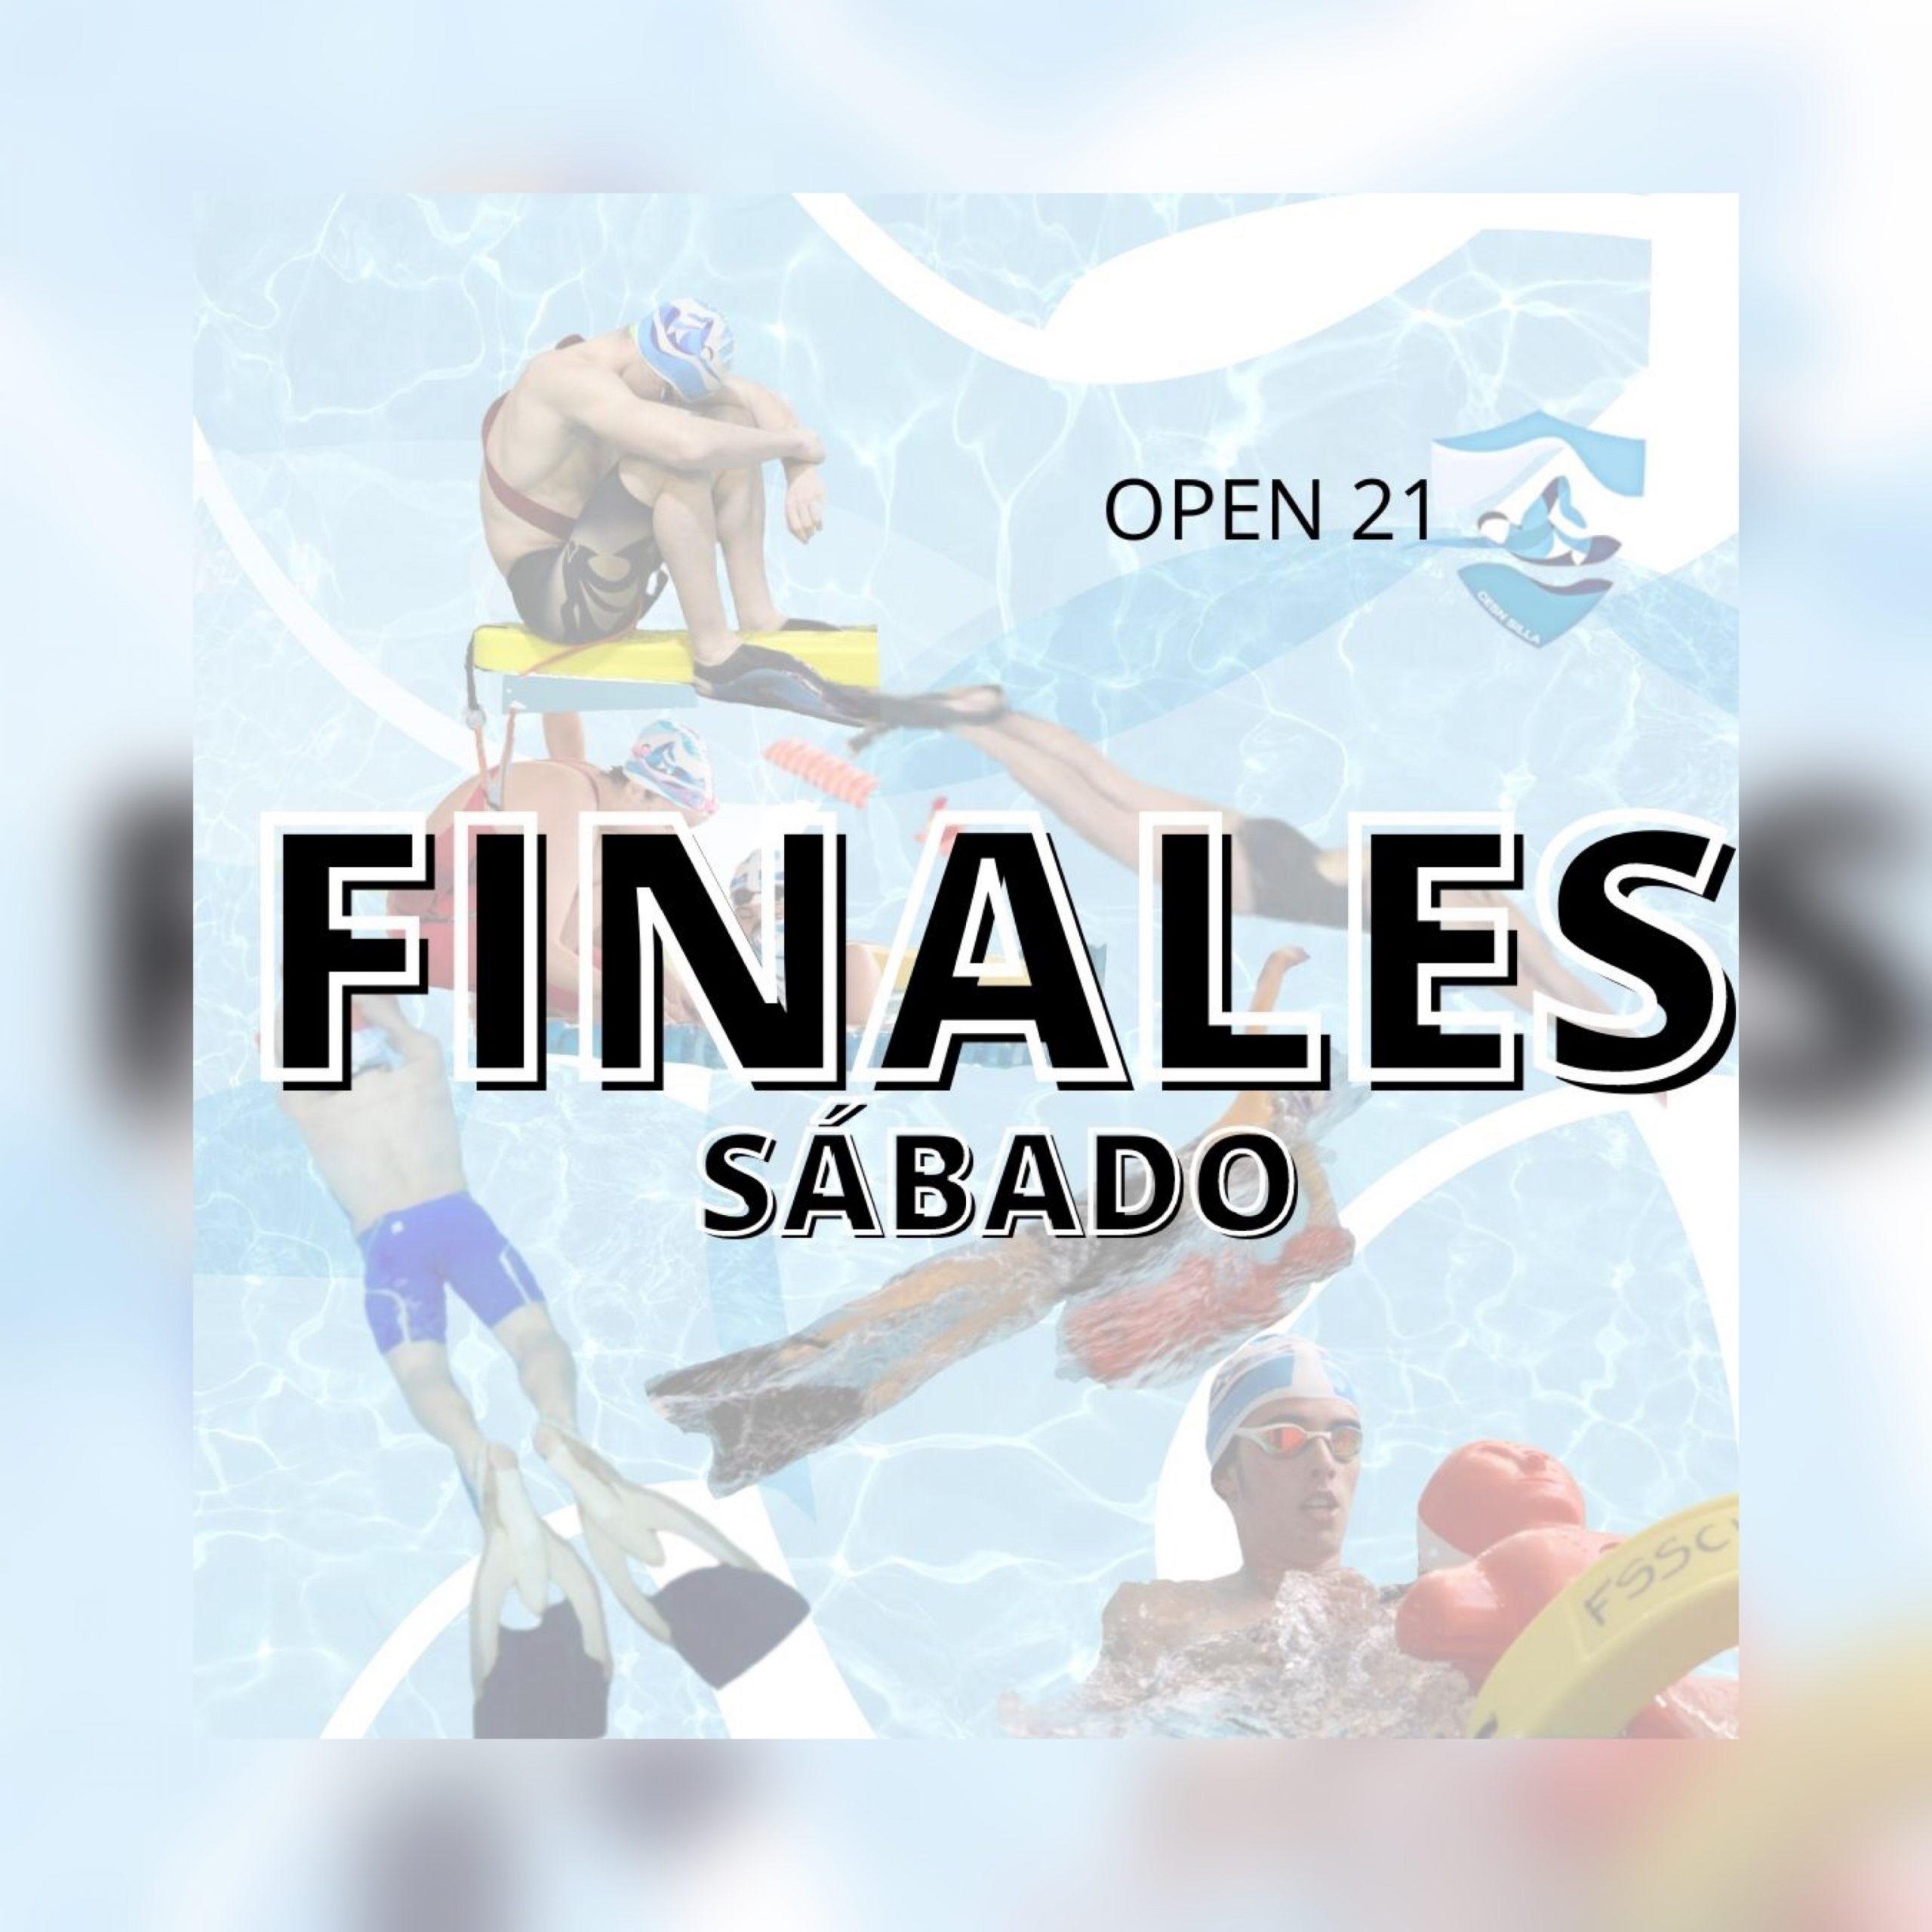 FINALES SÁBADO OPEN